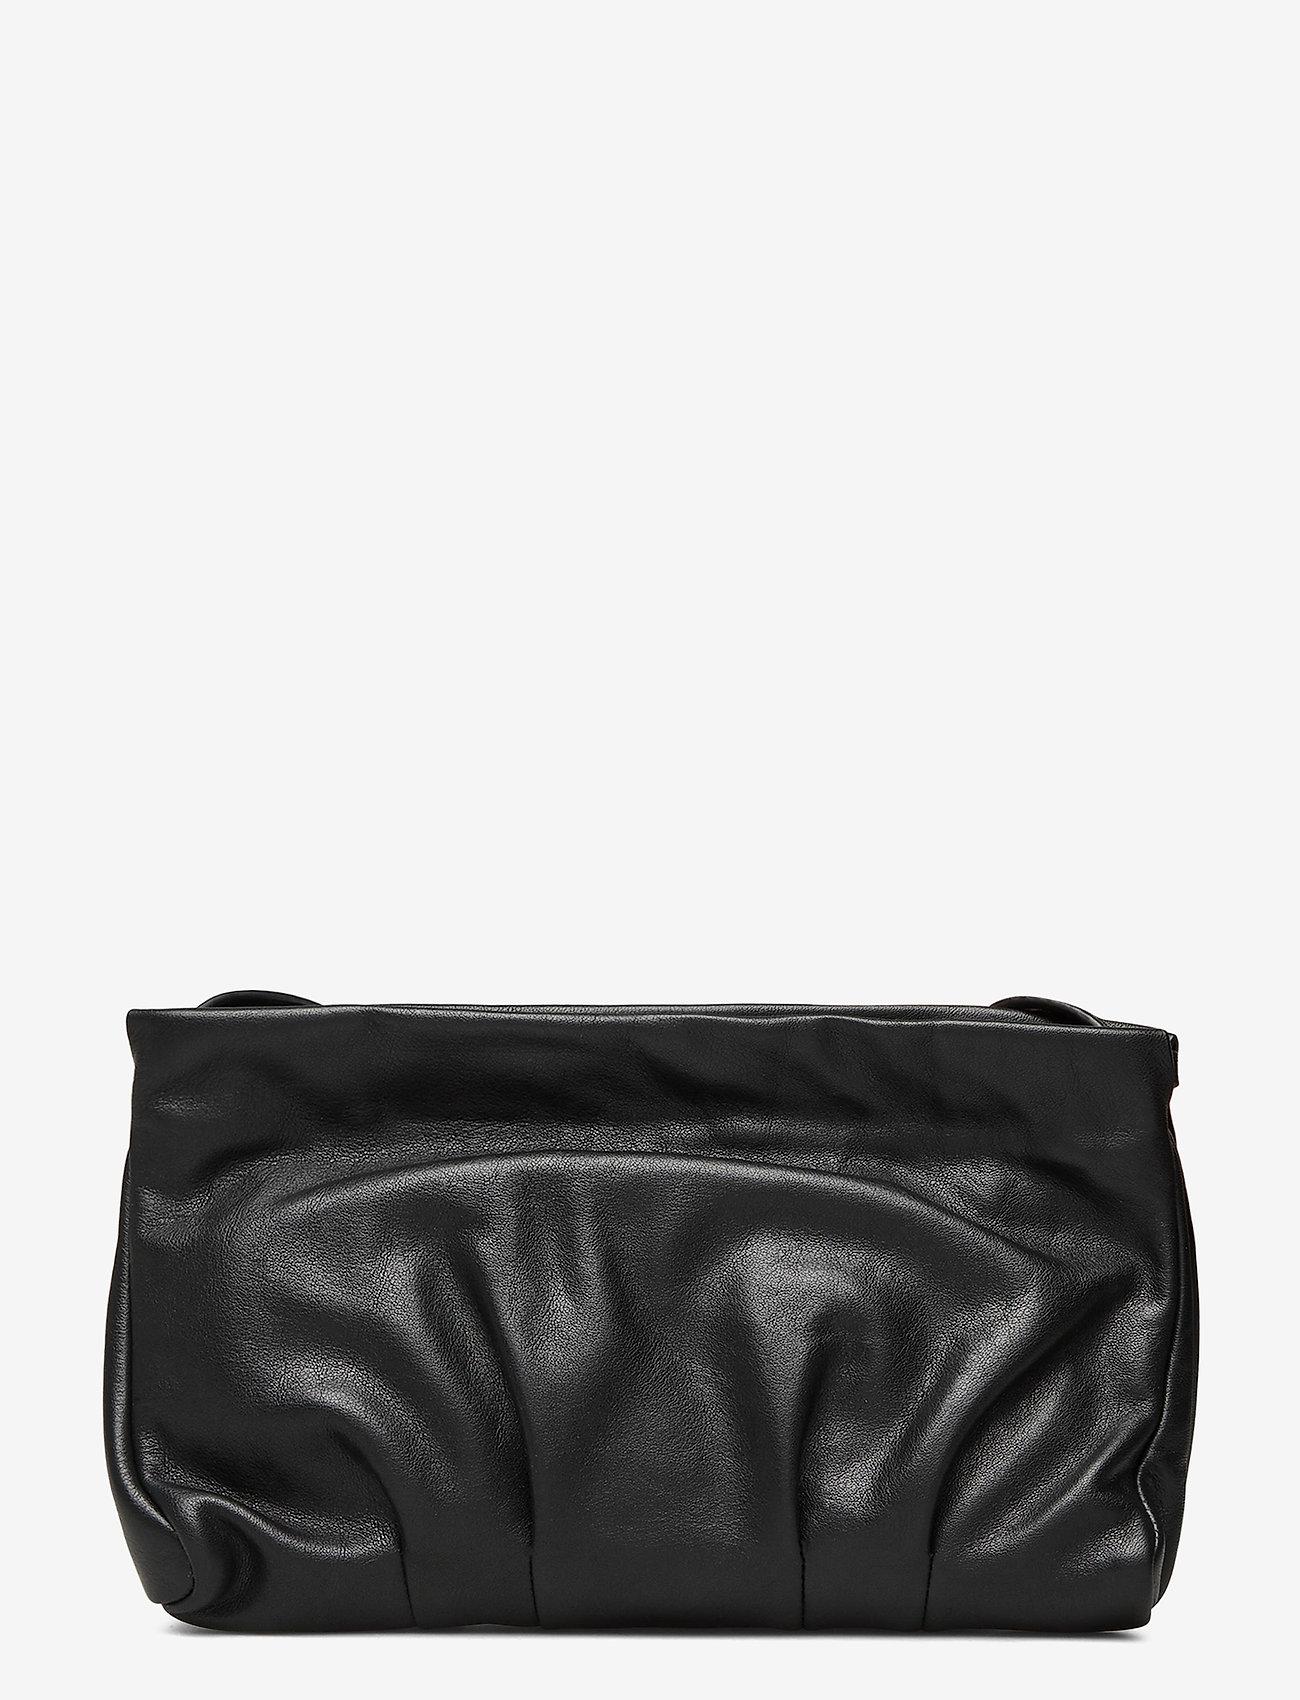 VAGABOND - RIO - crossbody bags - black - 1